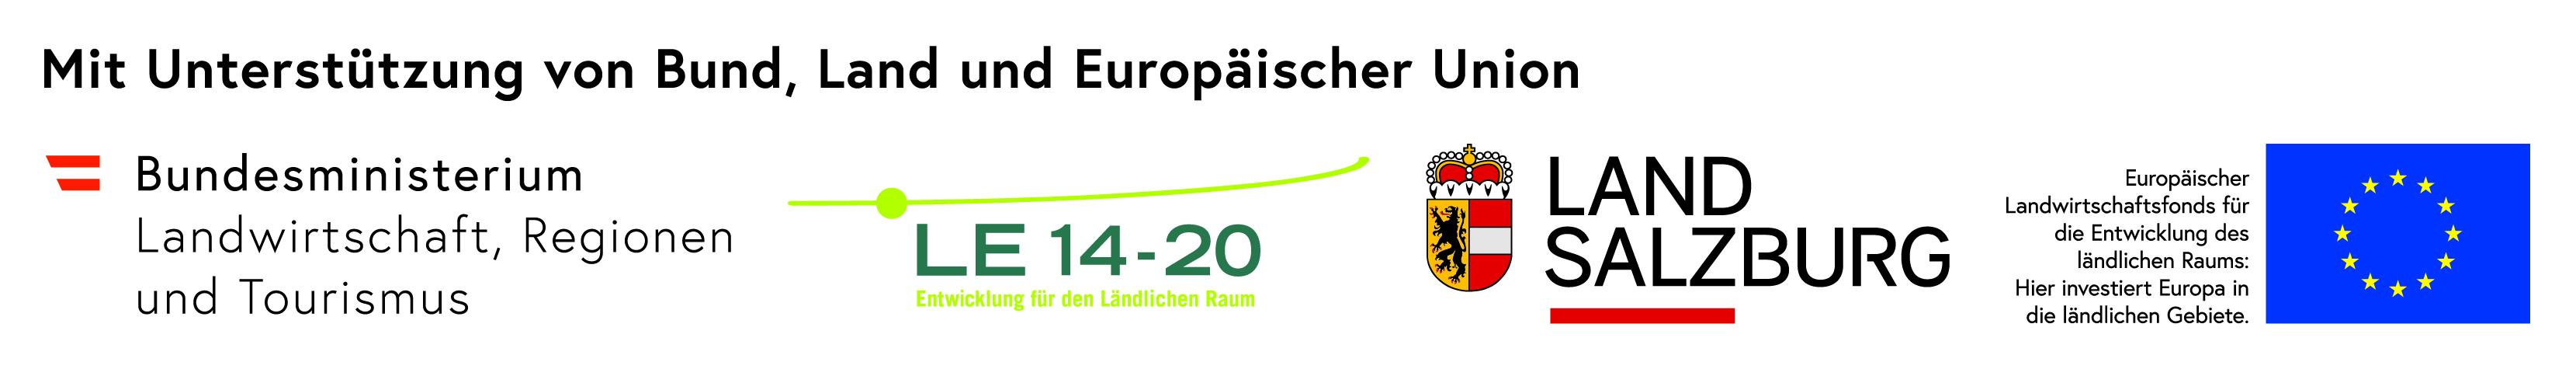 https://www.salzburg.gv.at/agrarwald_/Documents/Logoleiste%20Bd_Ld_EU_ELER_2020_PRINT_V25-02-20.jpg